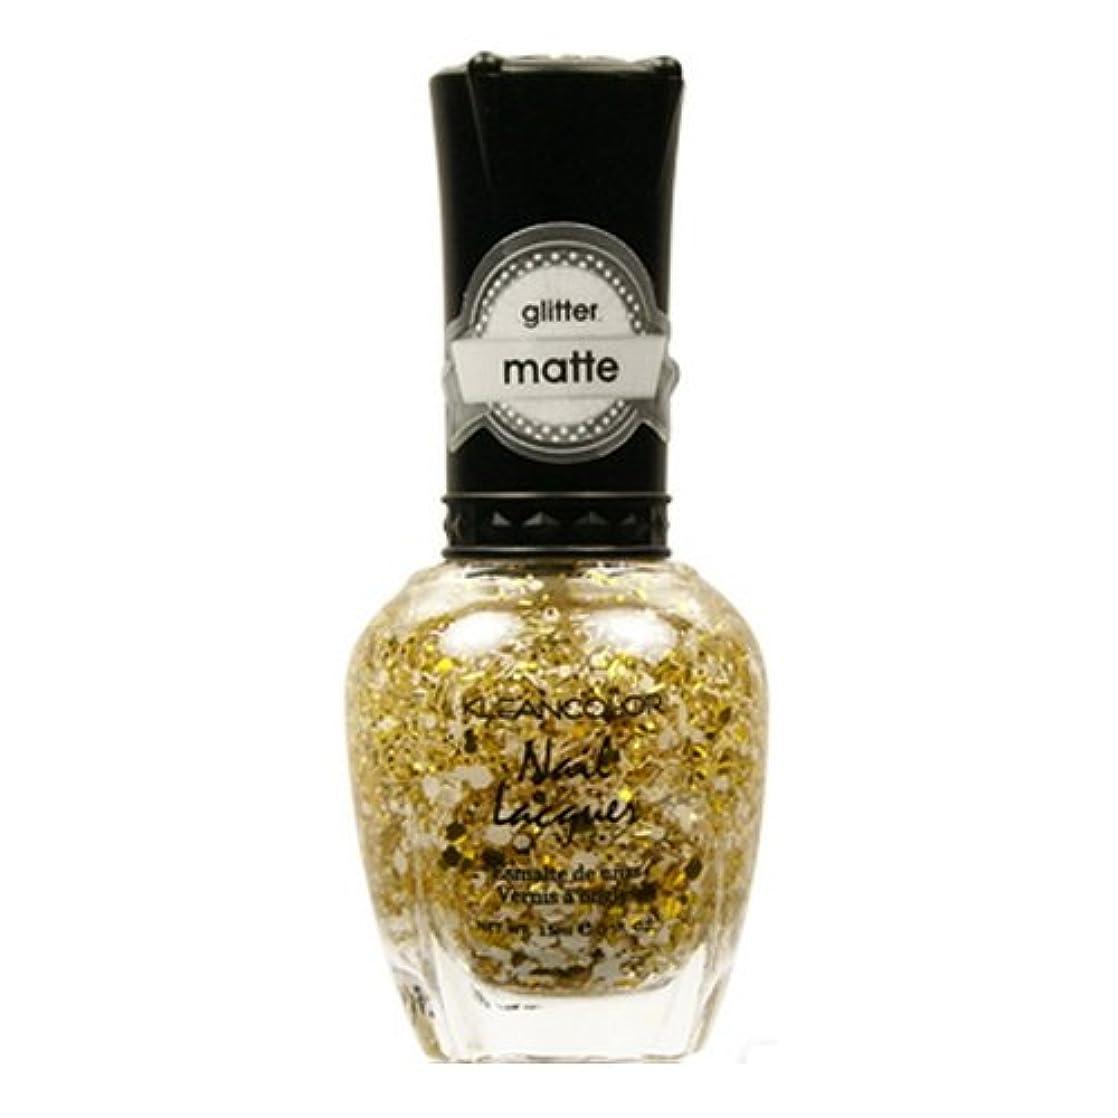 語現実的緩めるKLEANCOLOR Glitter Matte Nail Lacquer - Everyday is My Birthday (並行輸入品)